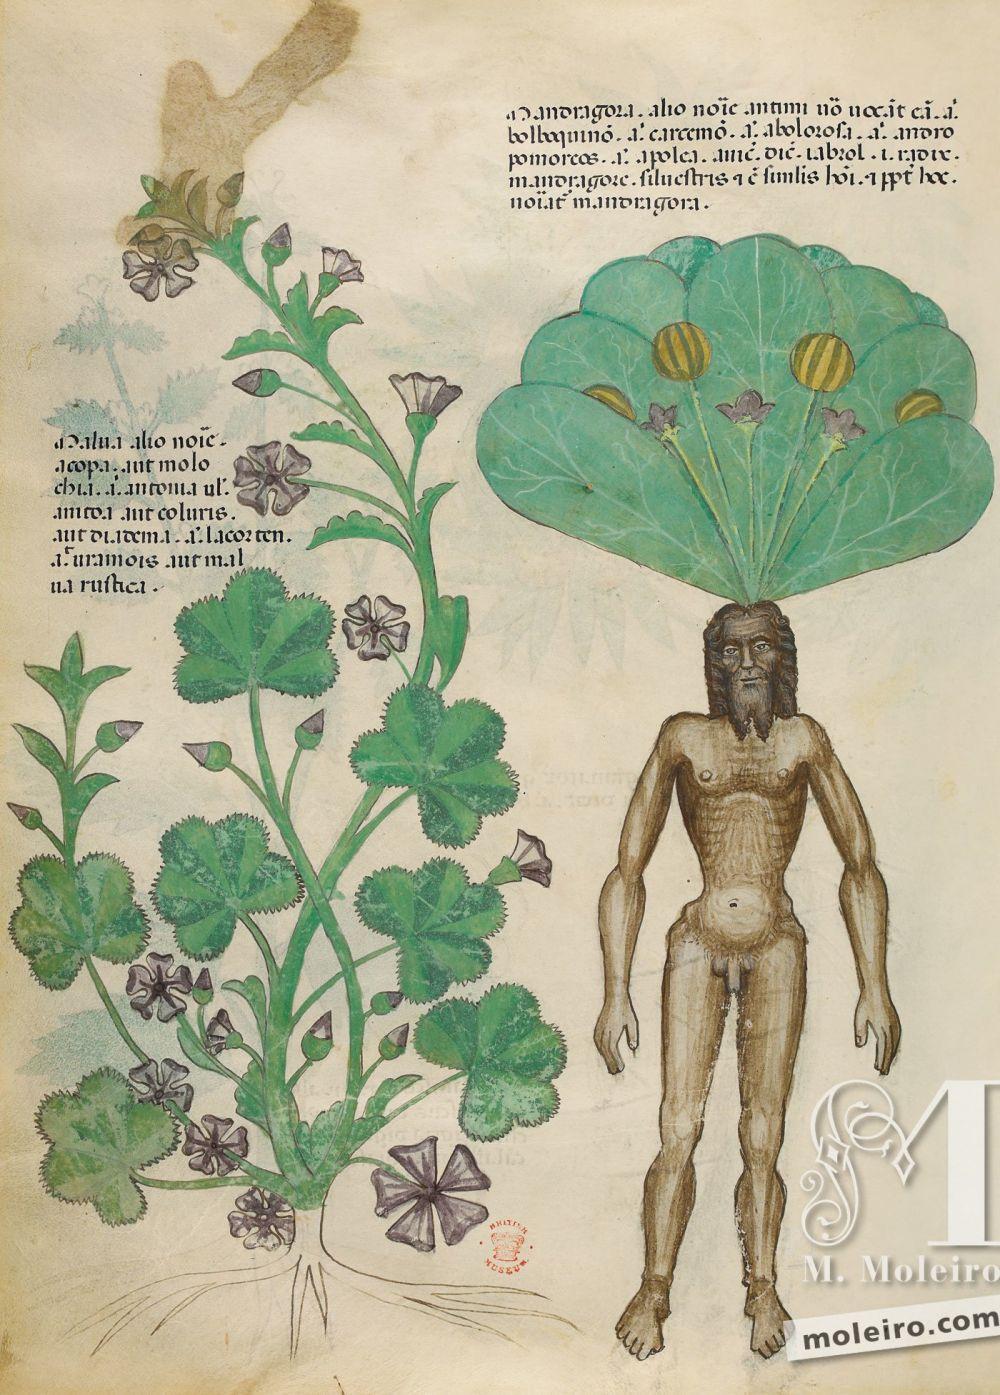 Tratado de plantas medicinales. Tractatus de Herbis -Sloane 4016 f. 56v:Mandrágora; malva silvestre